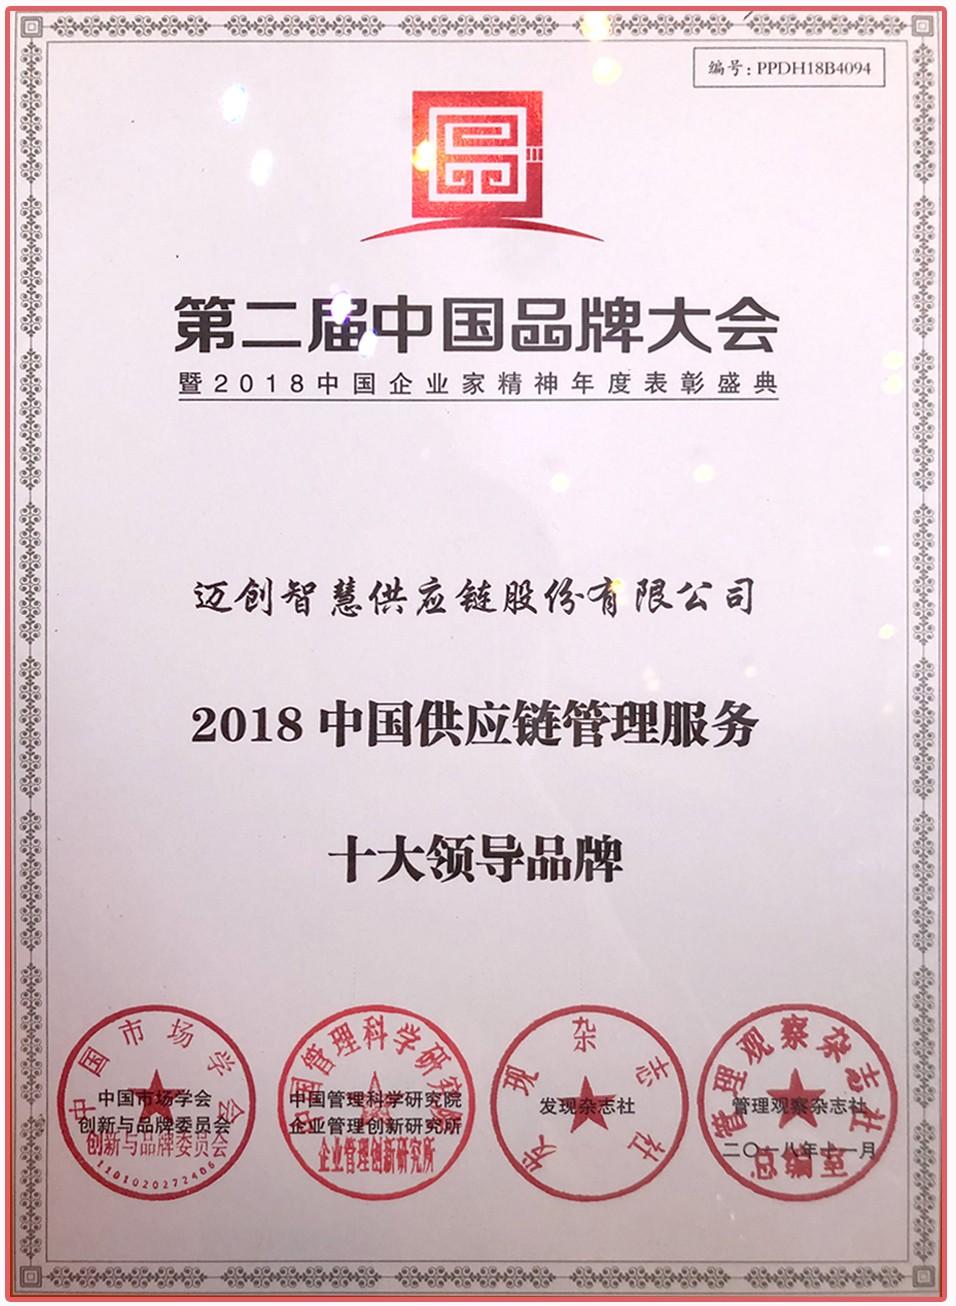 2018年中国供应链管理服务十大领导品牌